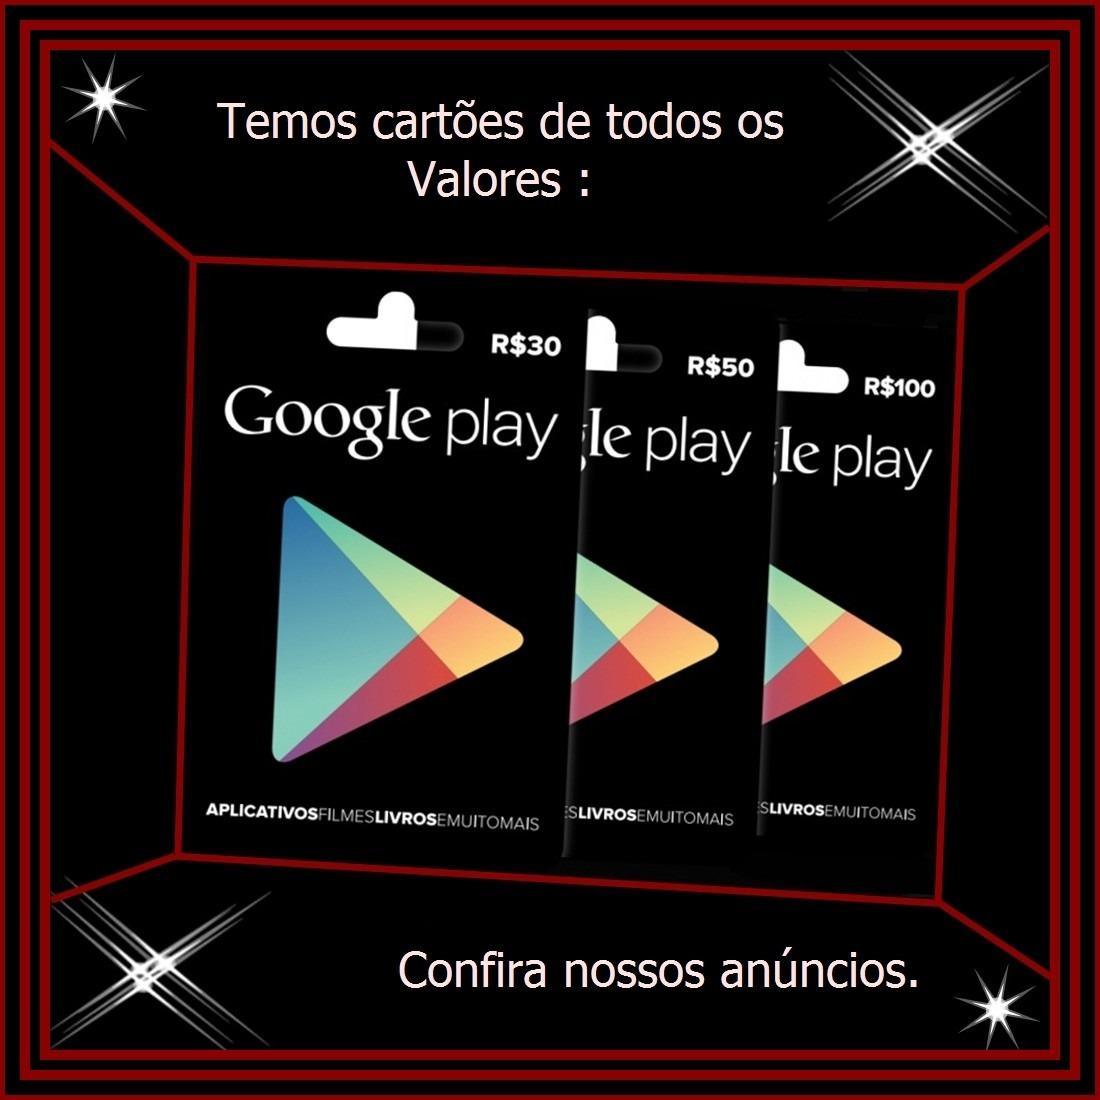 3742c83088c7 cartão google play brasil r 100 reais - gift card 100 reais. Carregando  zoom.